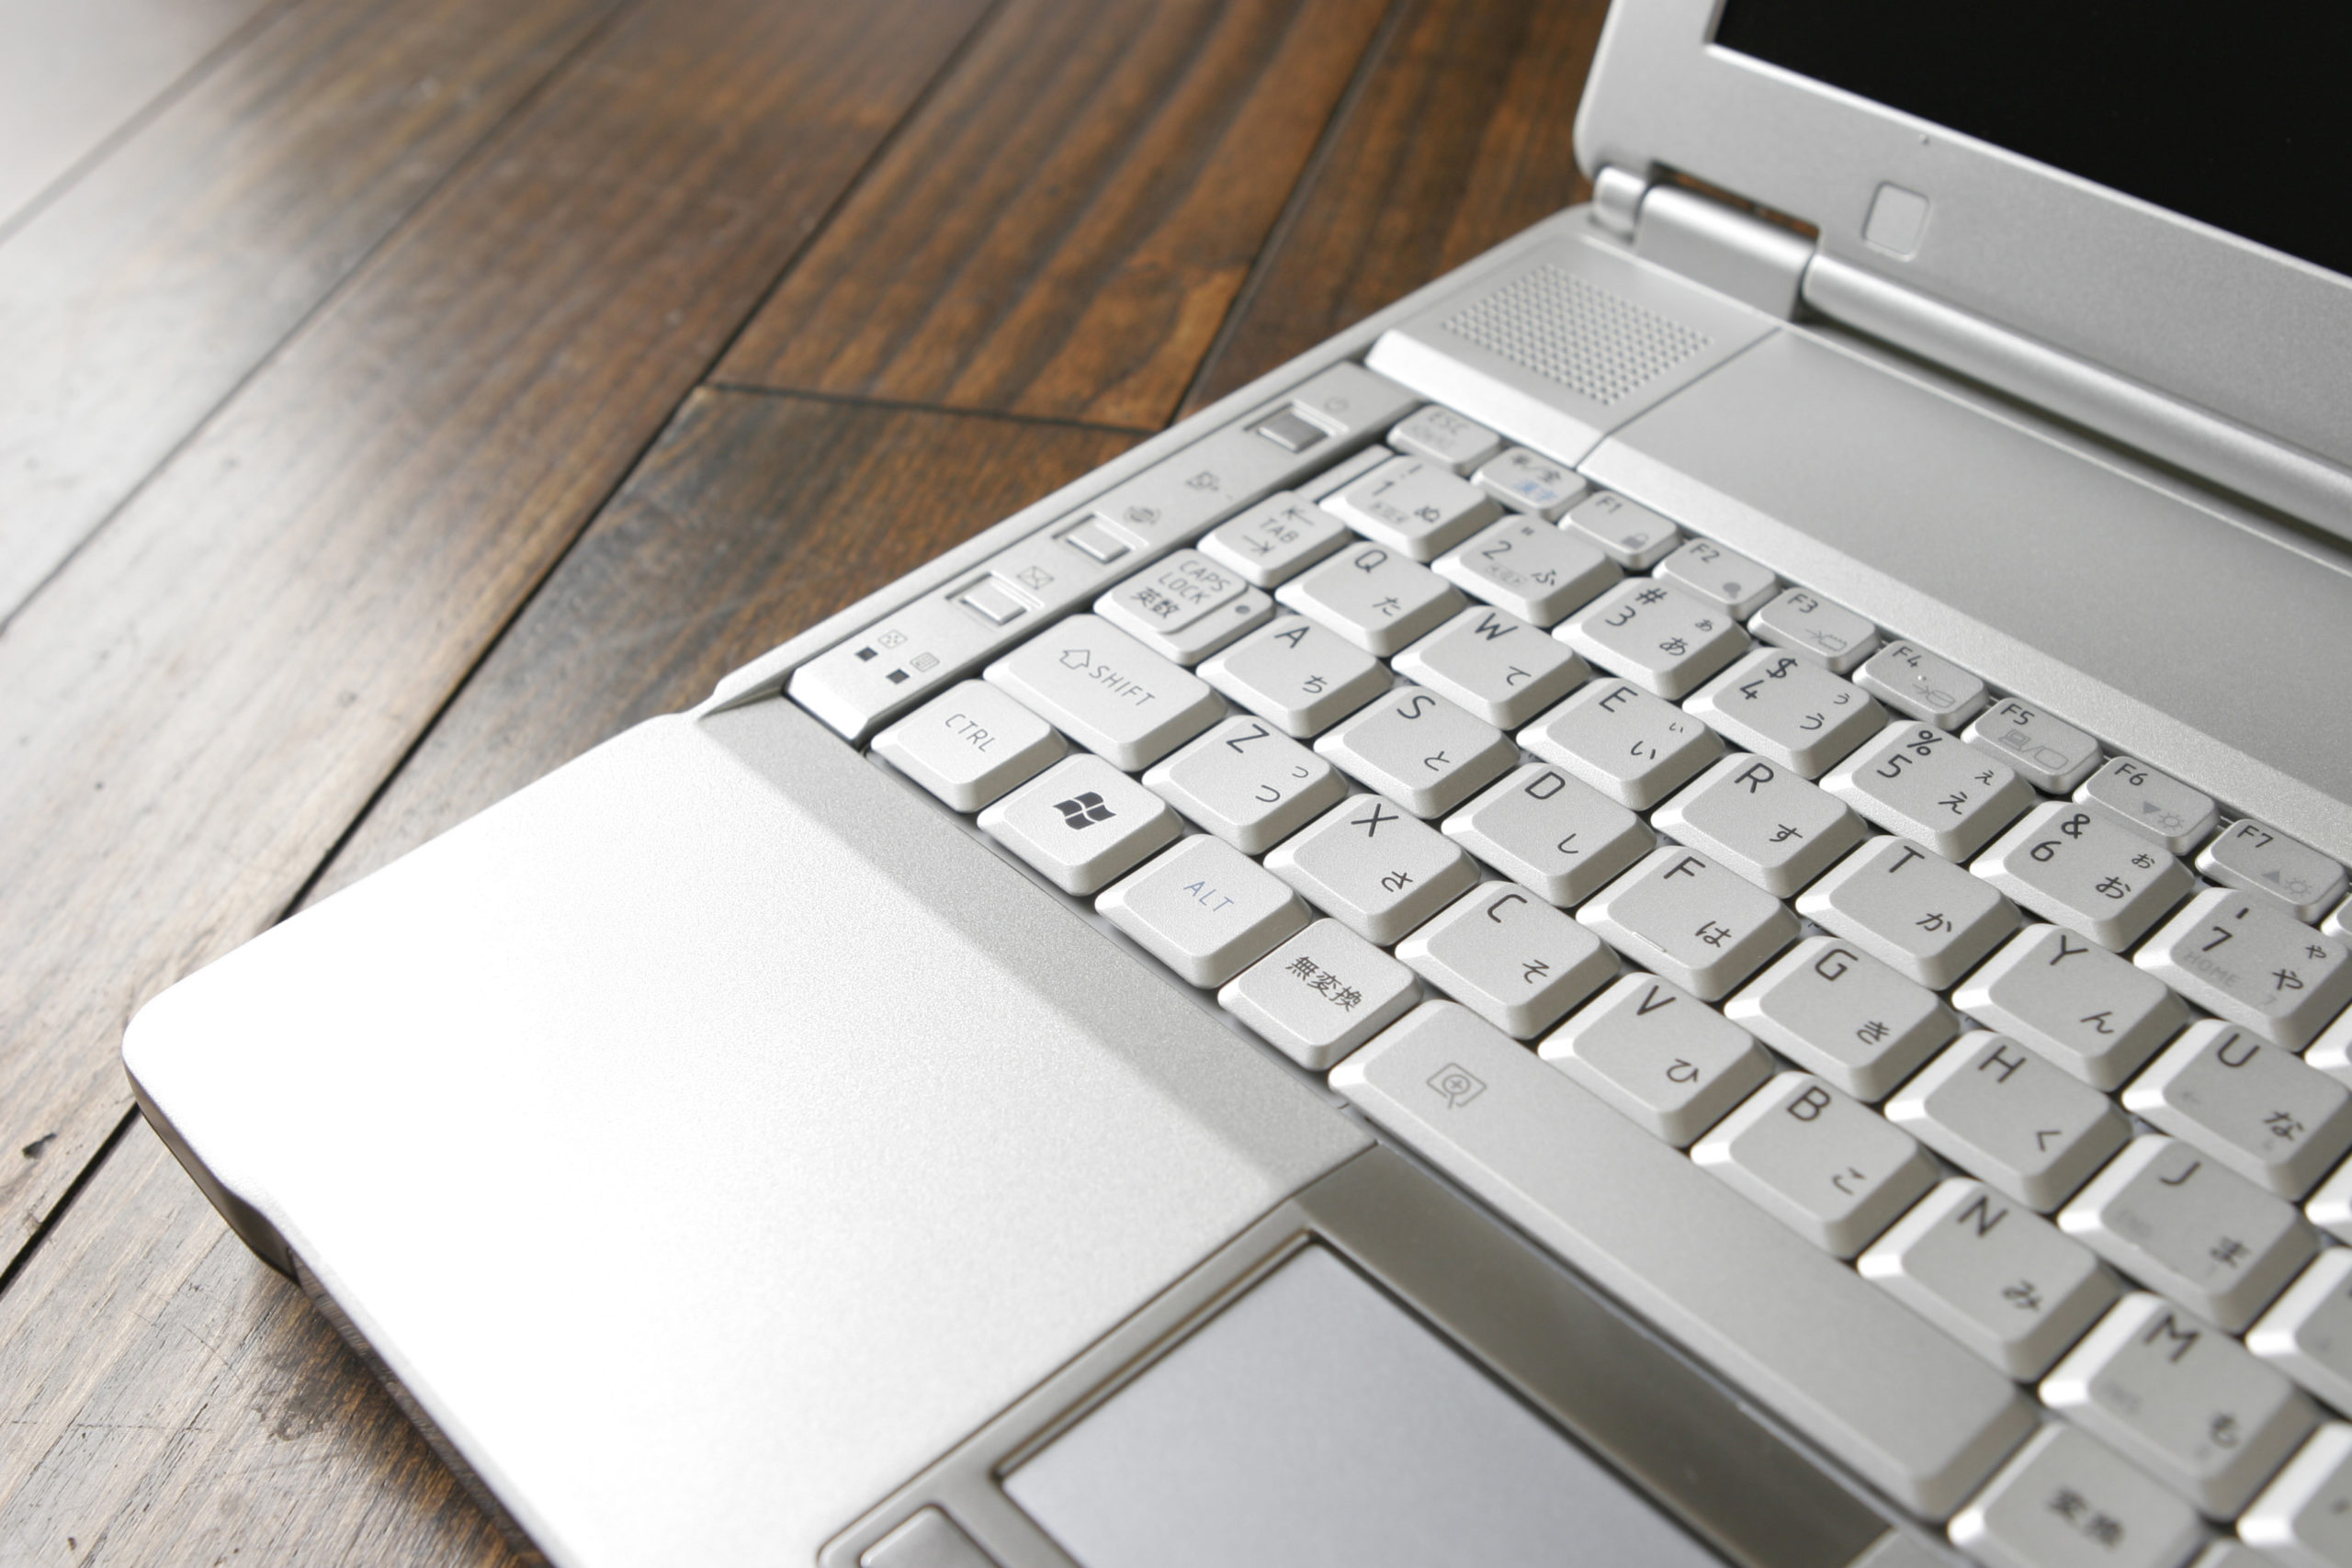 電子帳簿保存法の改正のうち、「電子取引に関する改正」についてご案内します